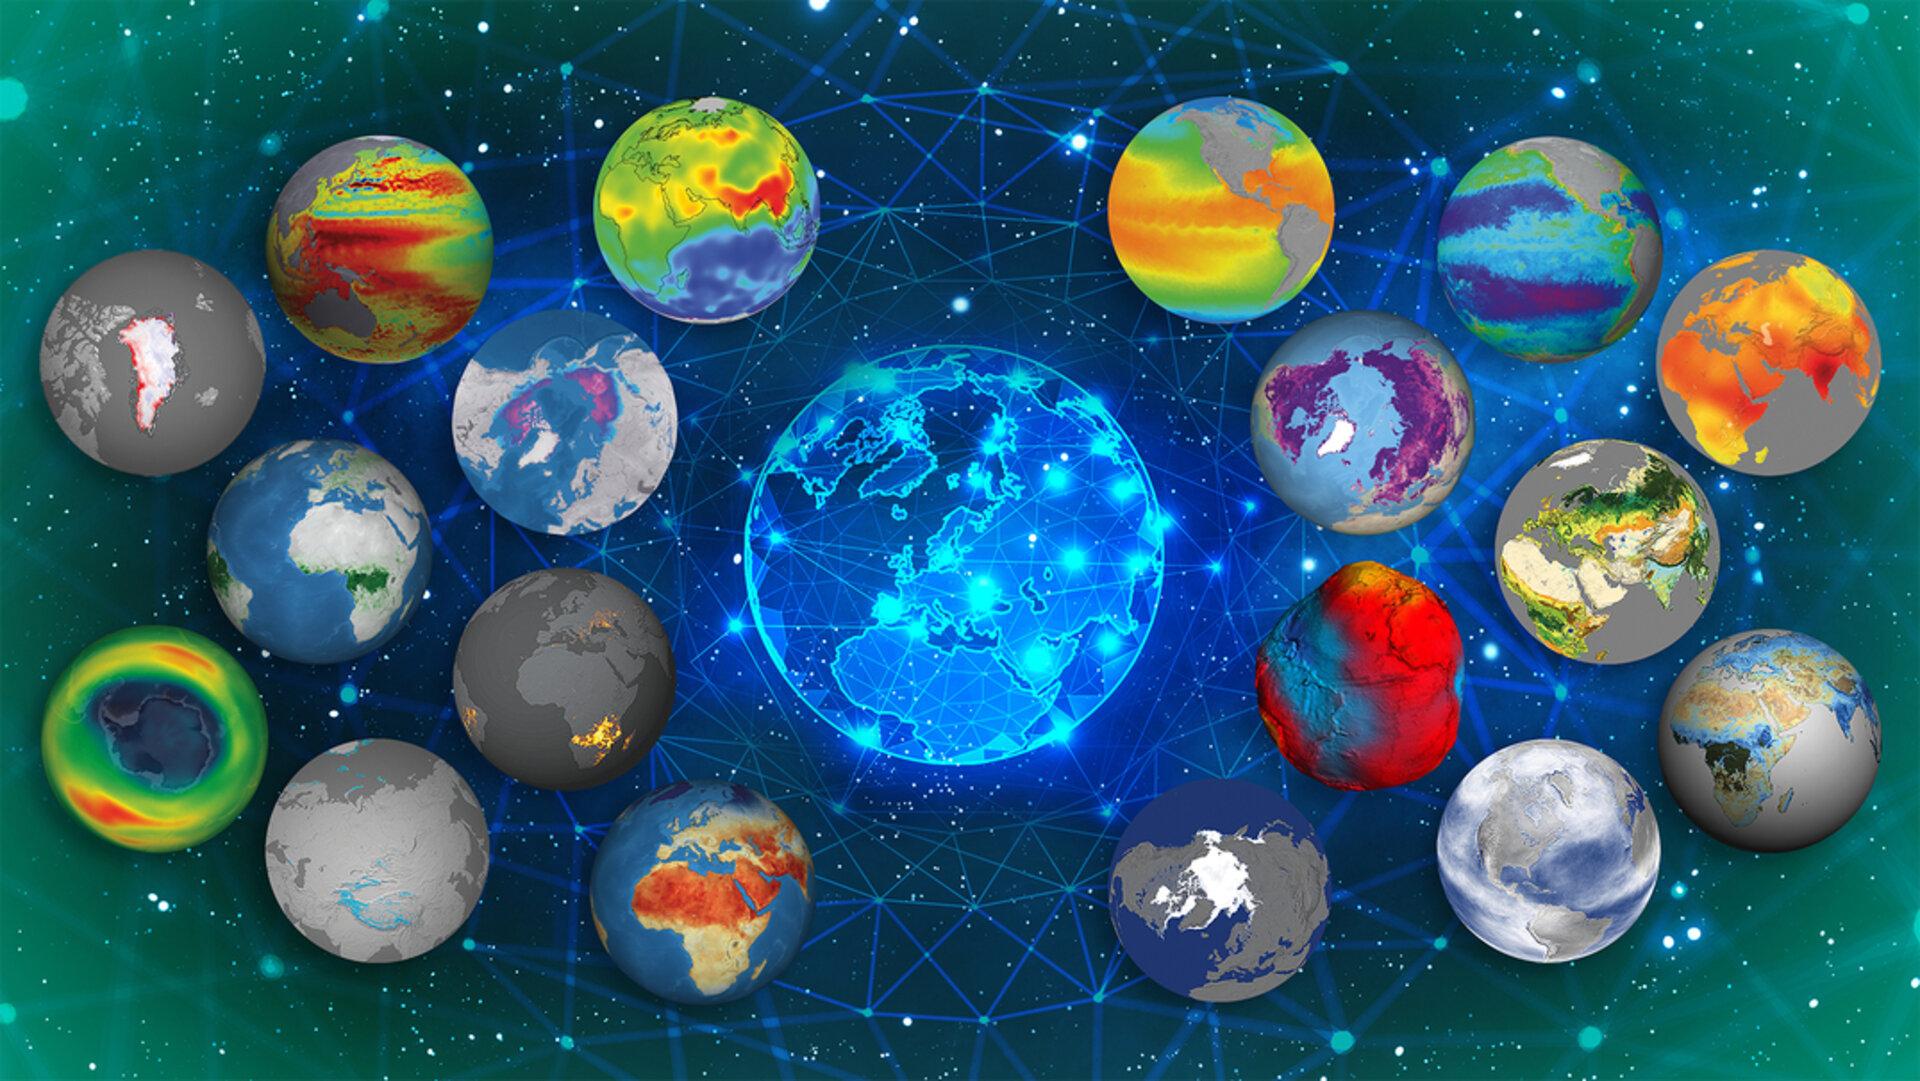 imagen de CAIRT se halla entre las cuatro propuestas seleccionadas por la Agencia Espacial Europea para el estudio de viabilidad del programa Earth Explorer. / ESA